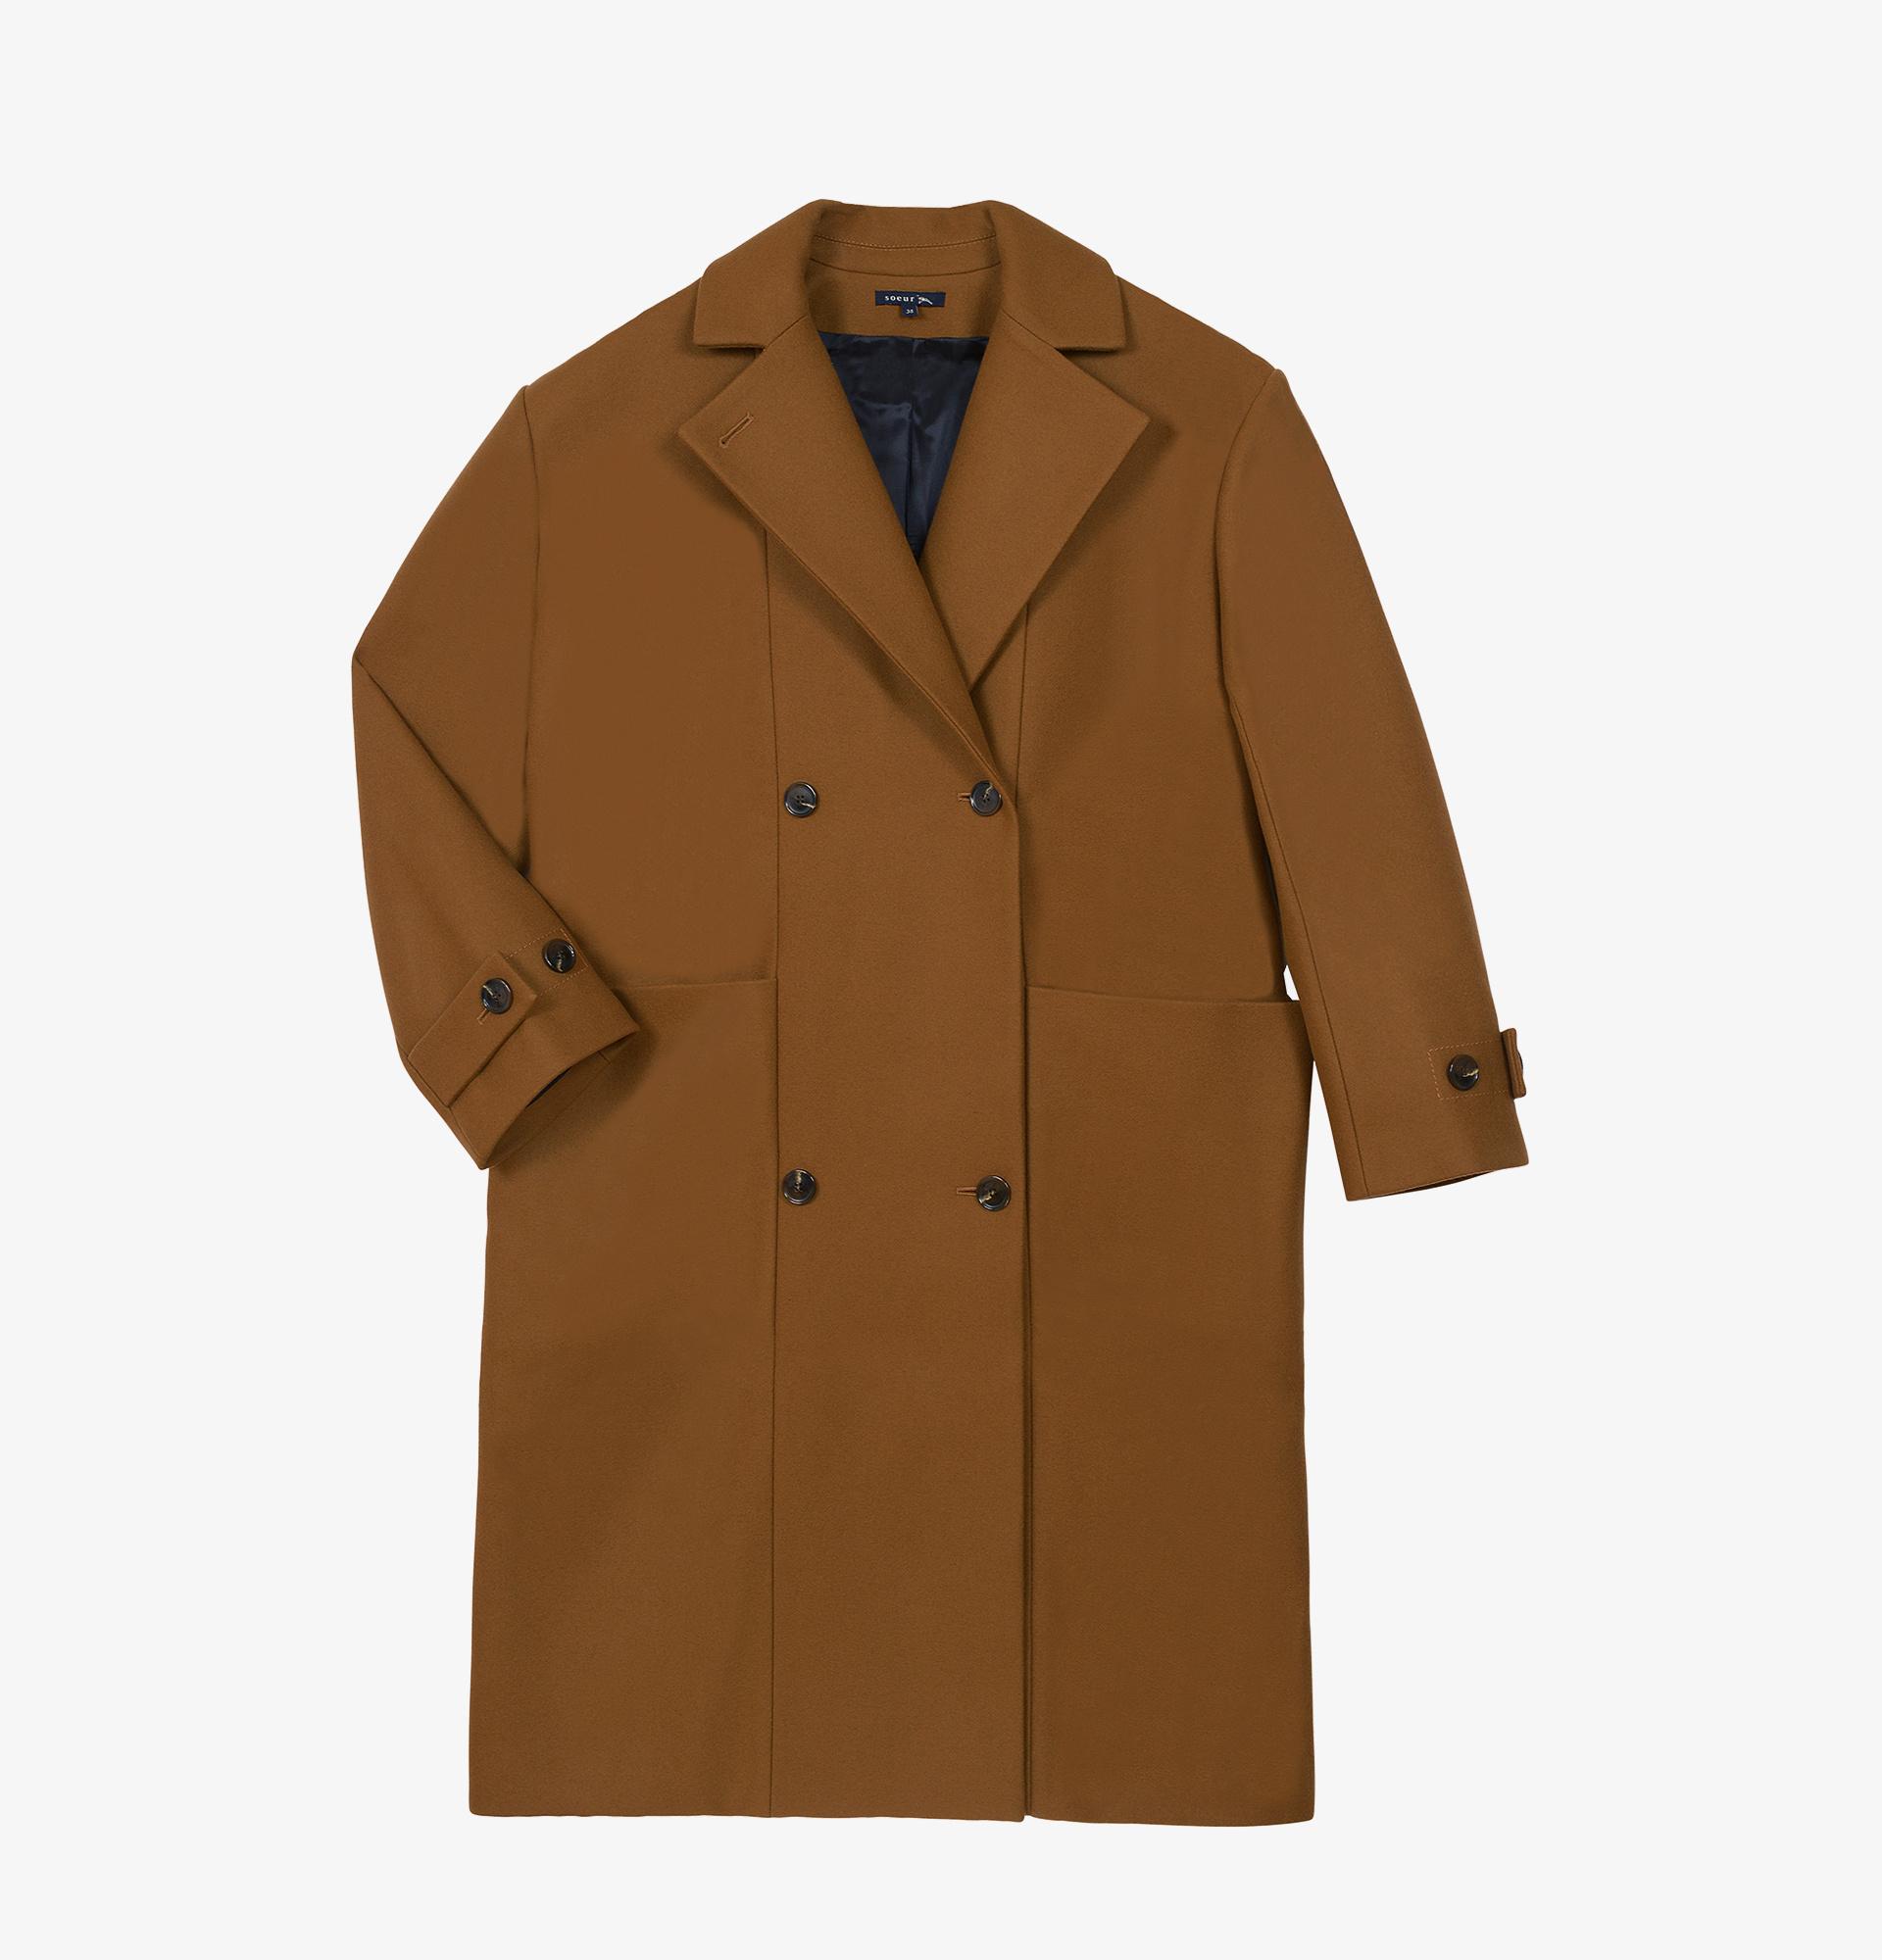 Soeur Double breasted Cognac Wool  Coat